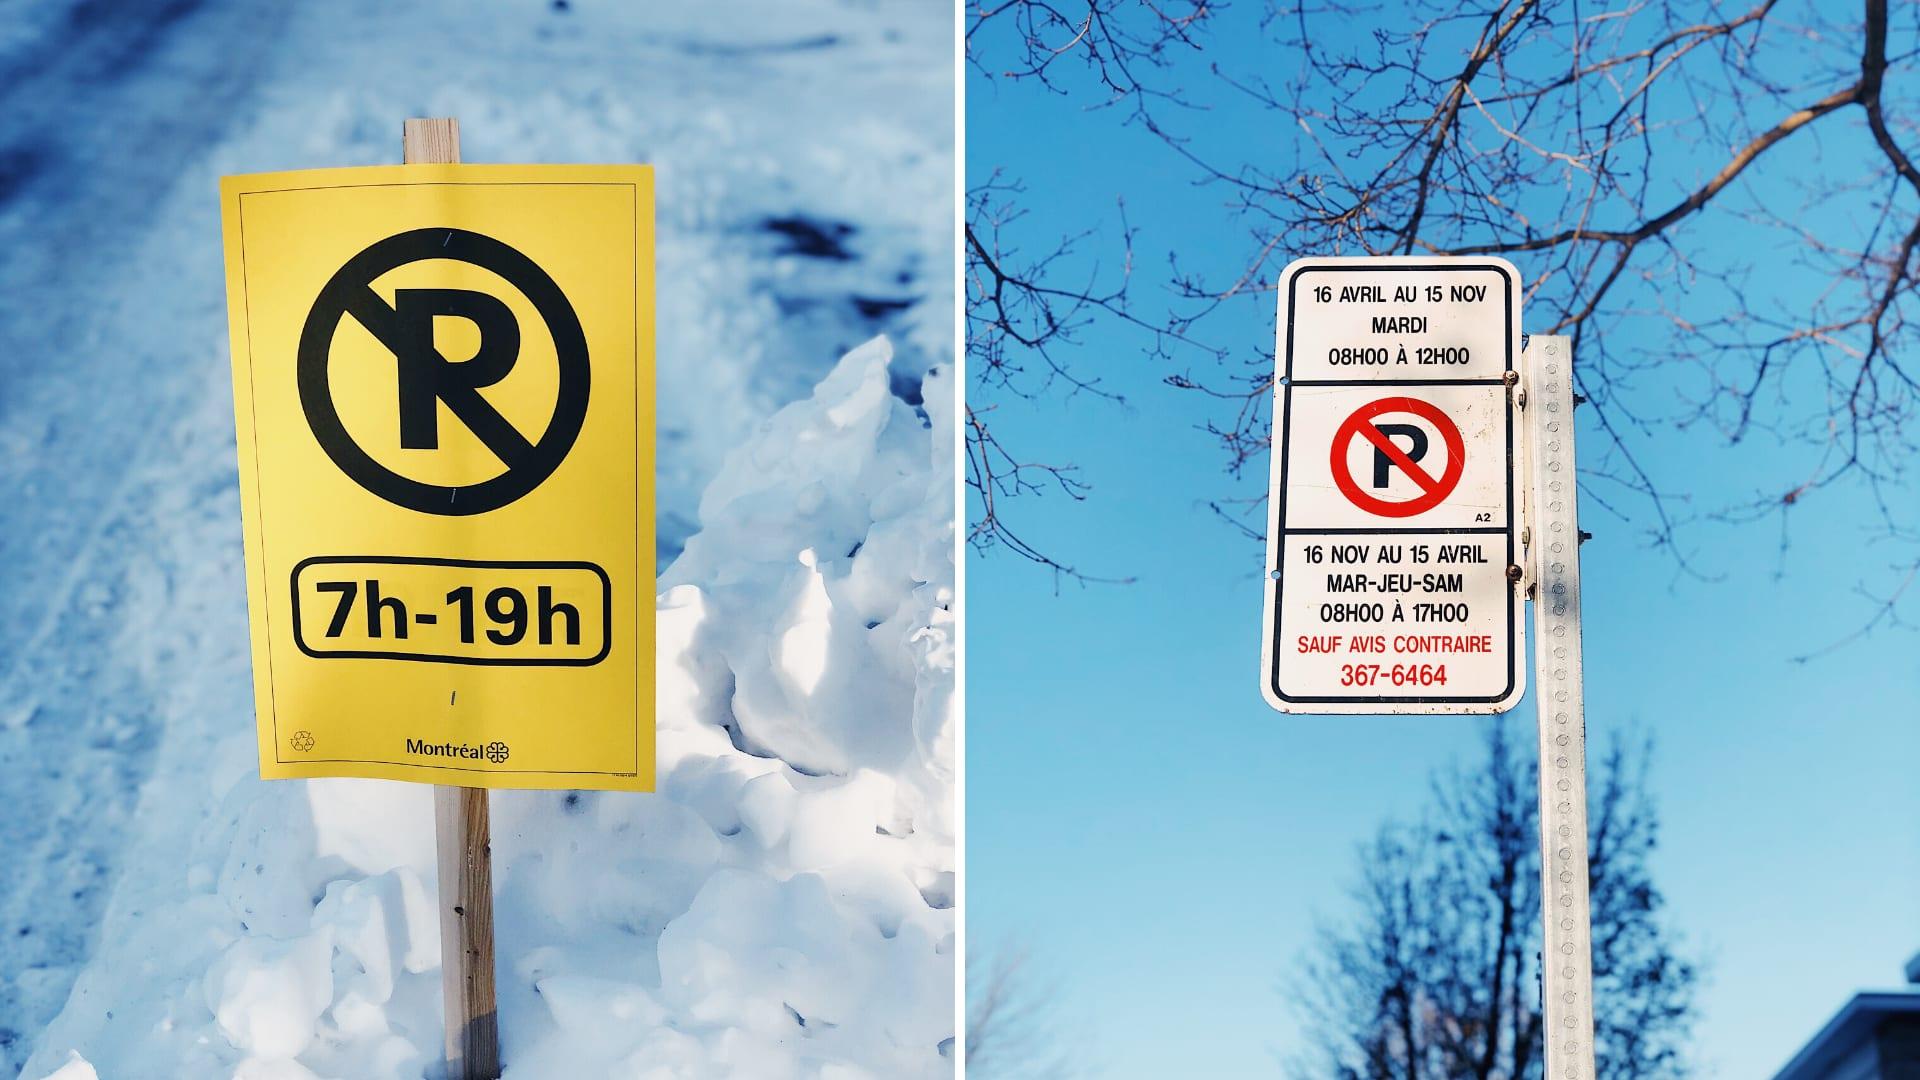 Signalisation en période hivernale